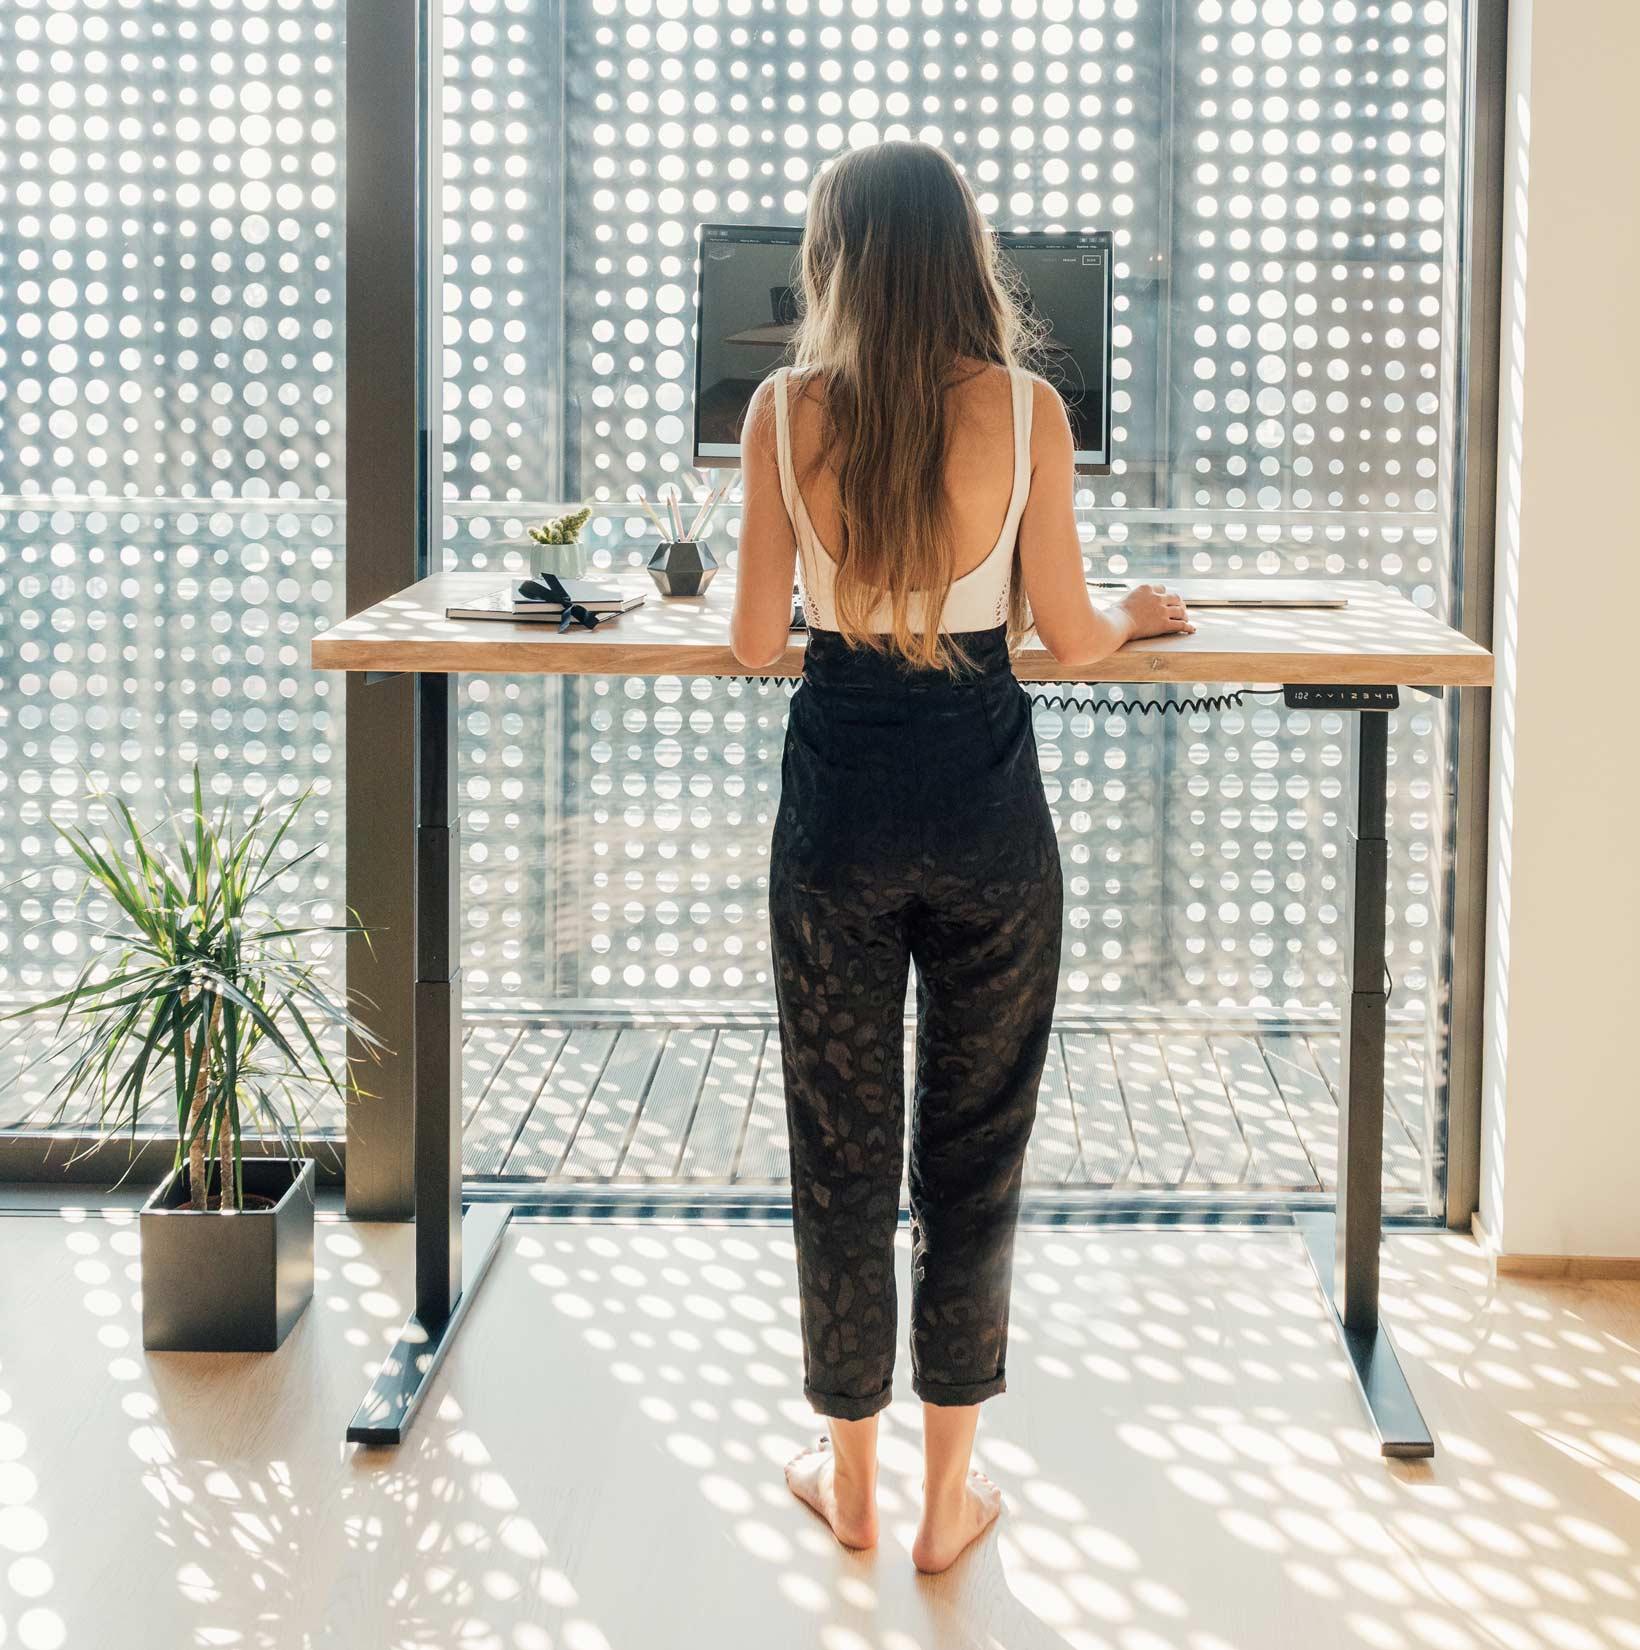 Dvižna pisalna miza - stoječe delo